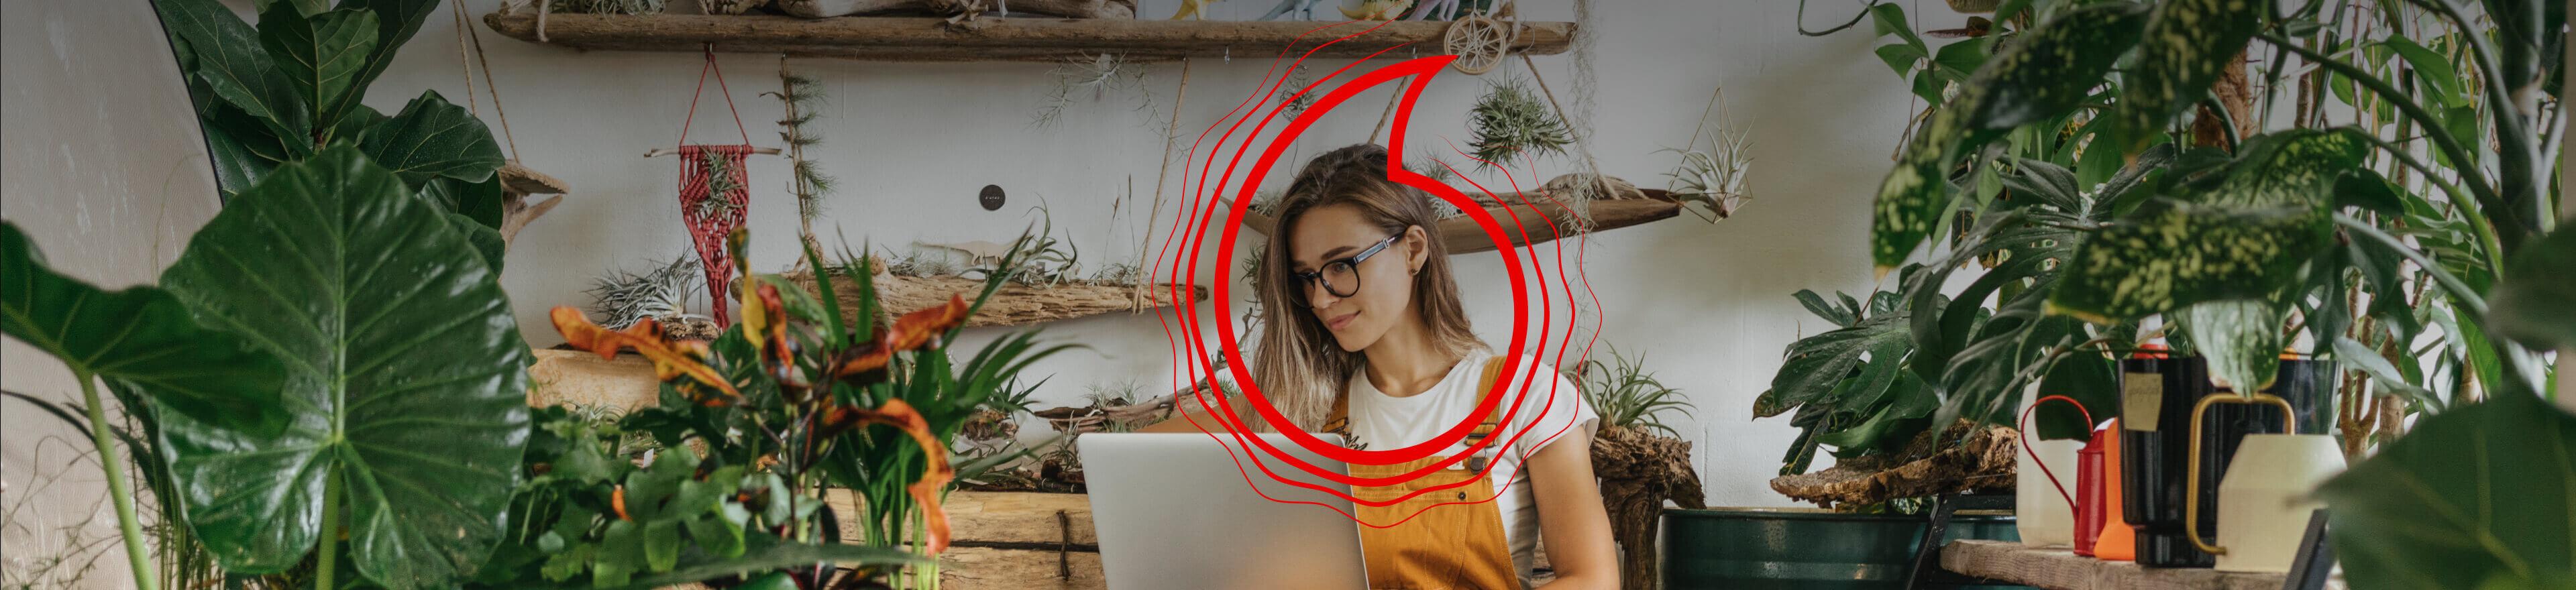 Vodafone Business lansează V-Hub, o platformă online cu resurse și informații relevante care ajută IMM-urile în procesul de transformare digitală